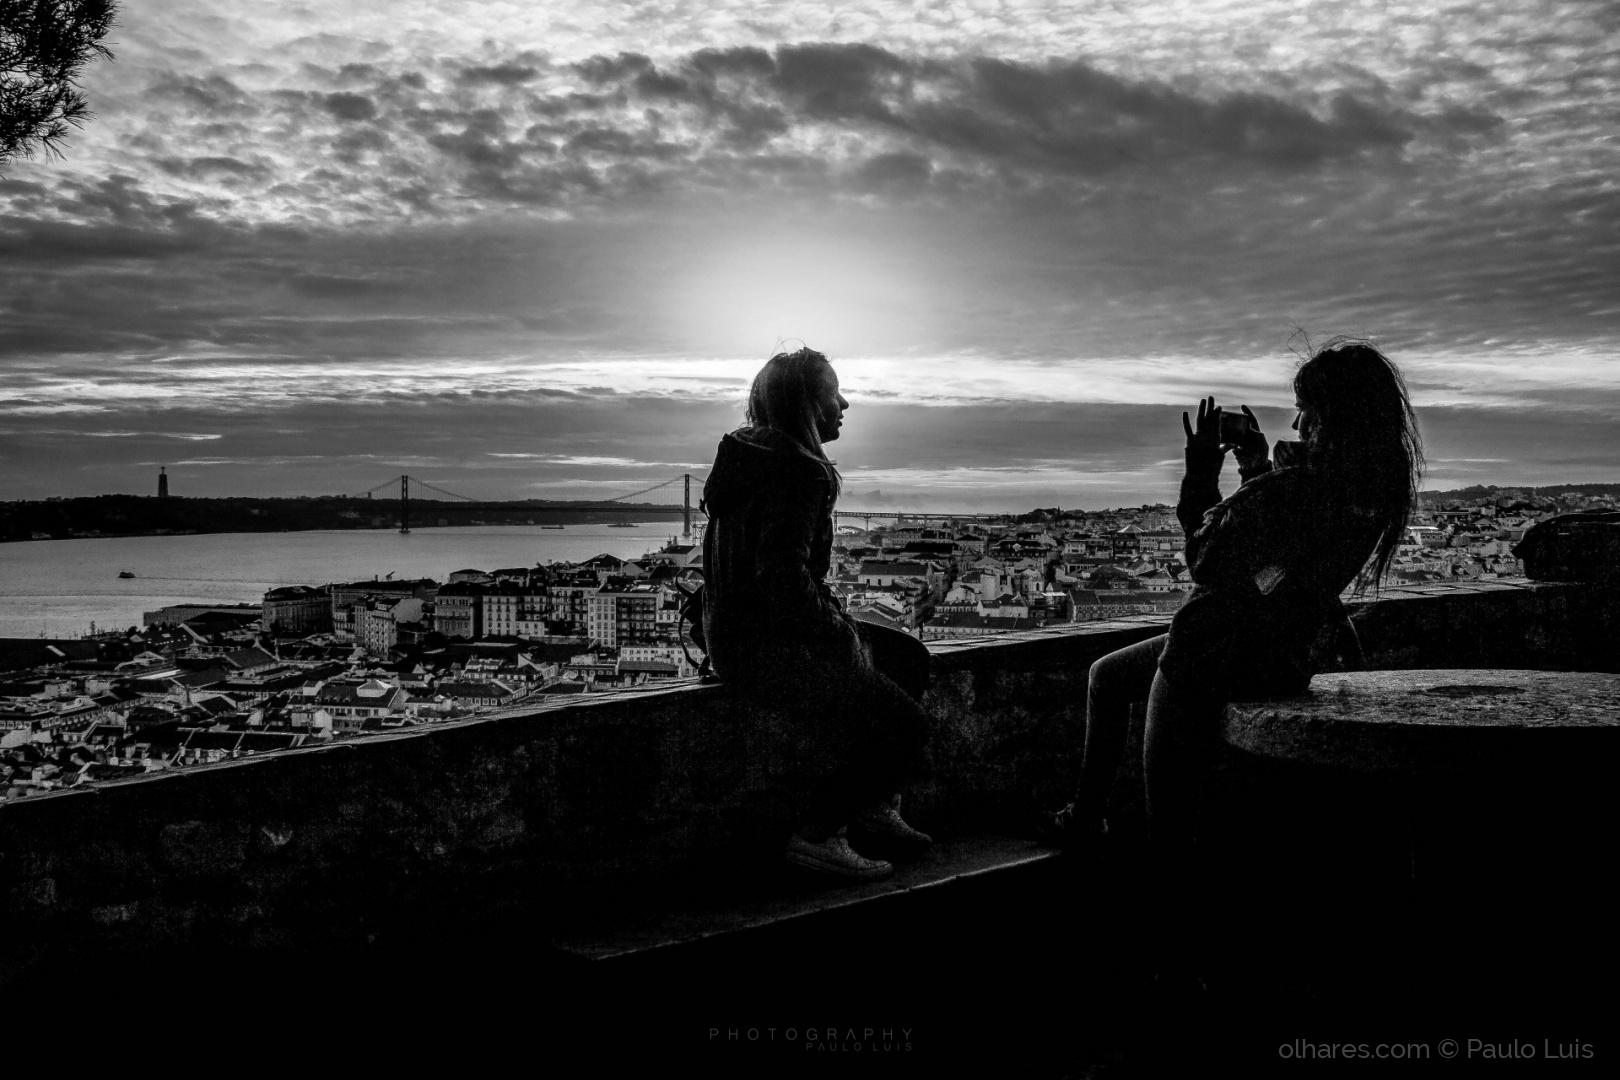 Paisagem Urbana/One more photo